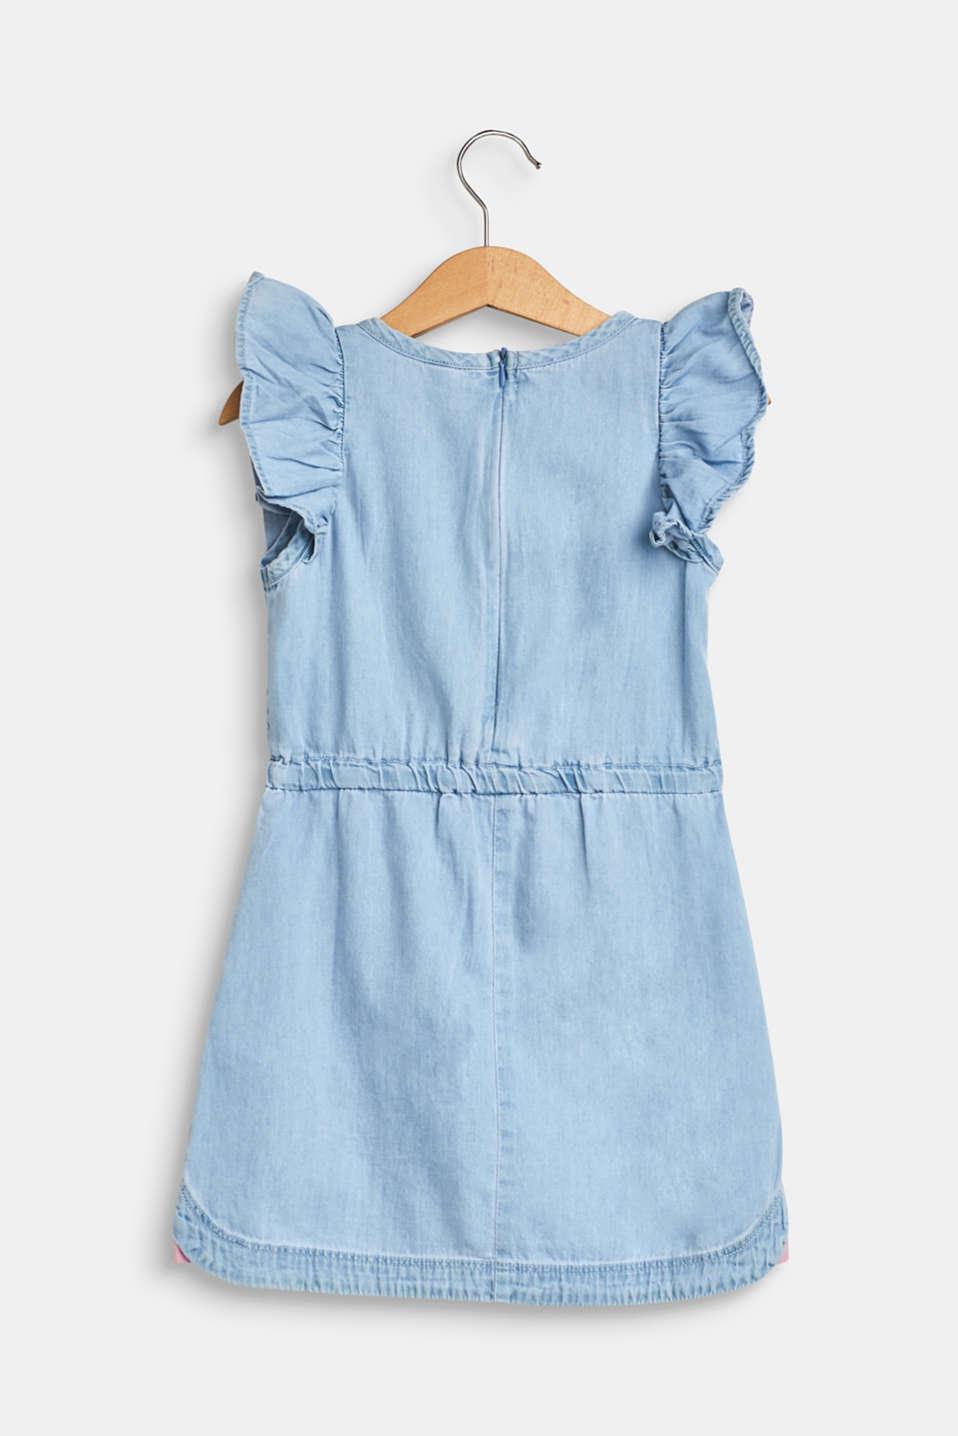 Dresses denim, LCBLEACHED DENIM, detail image number 1